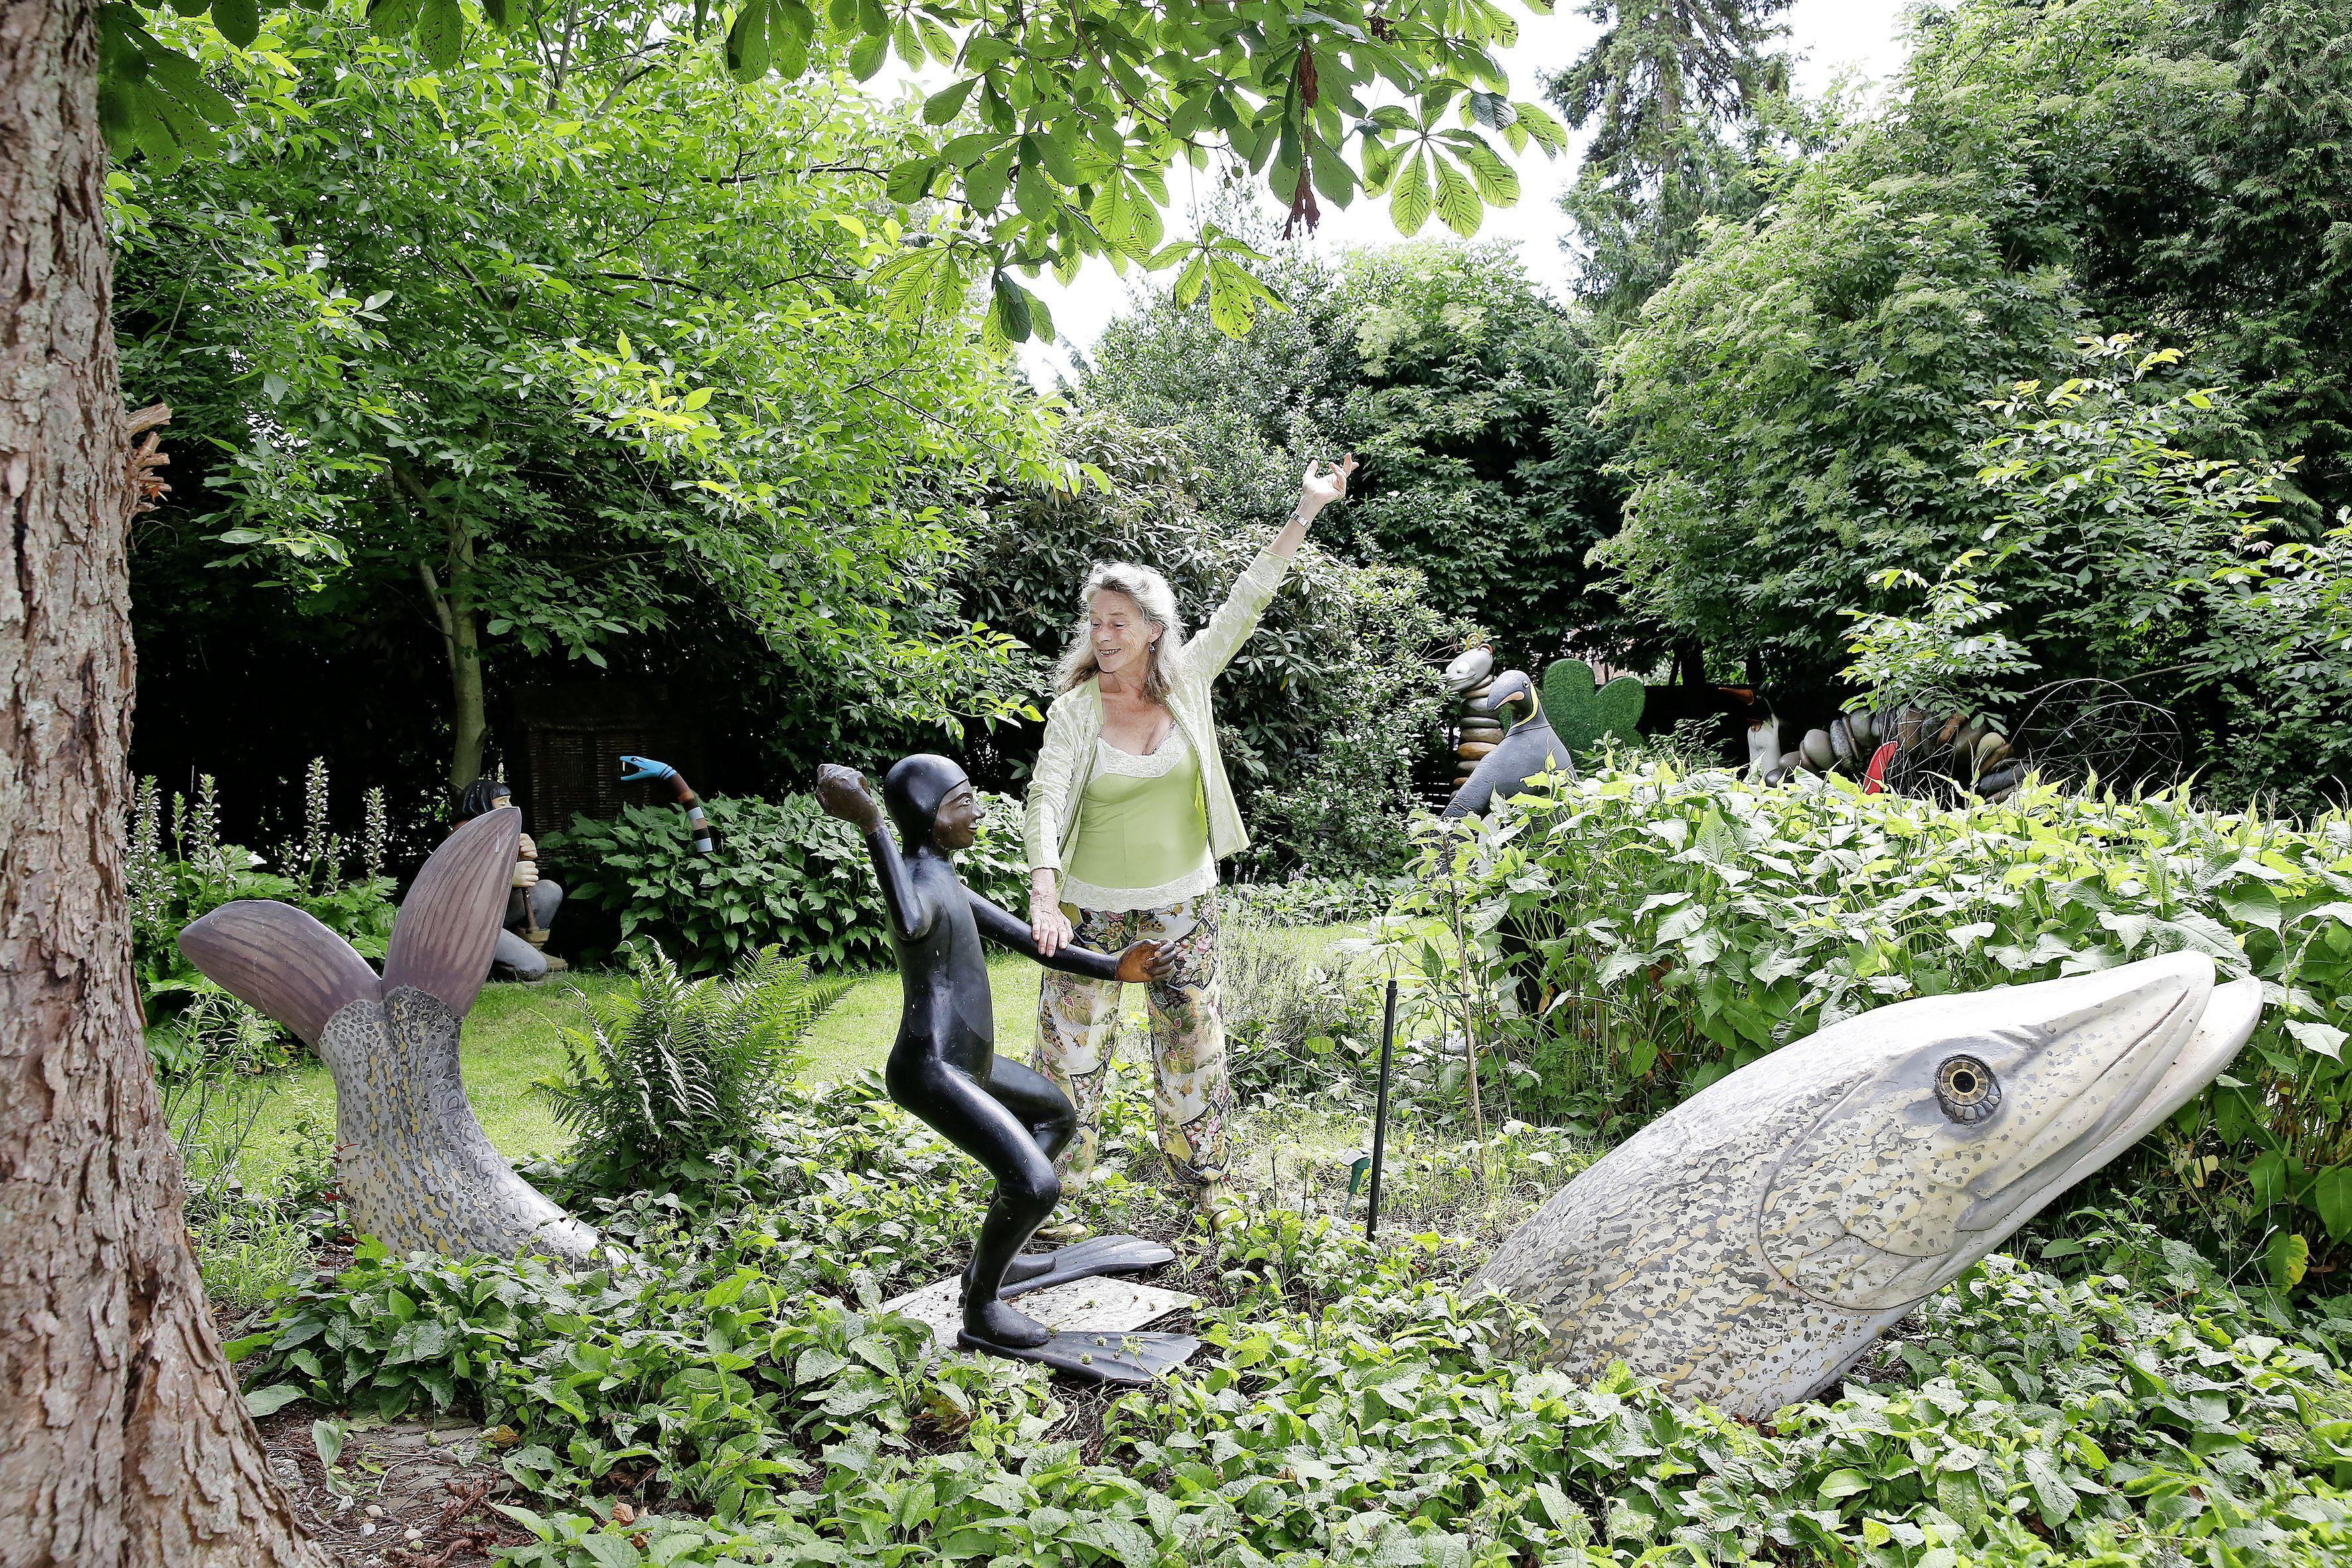 Weesper kunstenares Ilona Woltring houdt zomerexpositie in de tuin van haar ouderlijk huis: 'Beelden voor buiten moeten groot zijn'